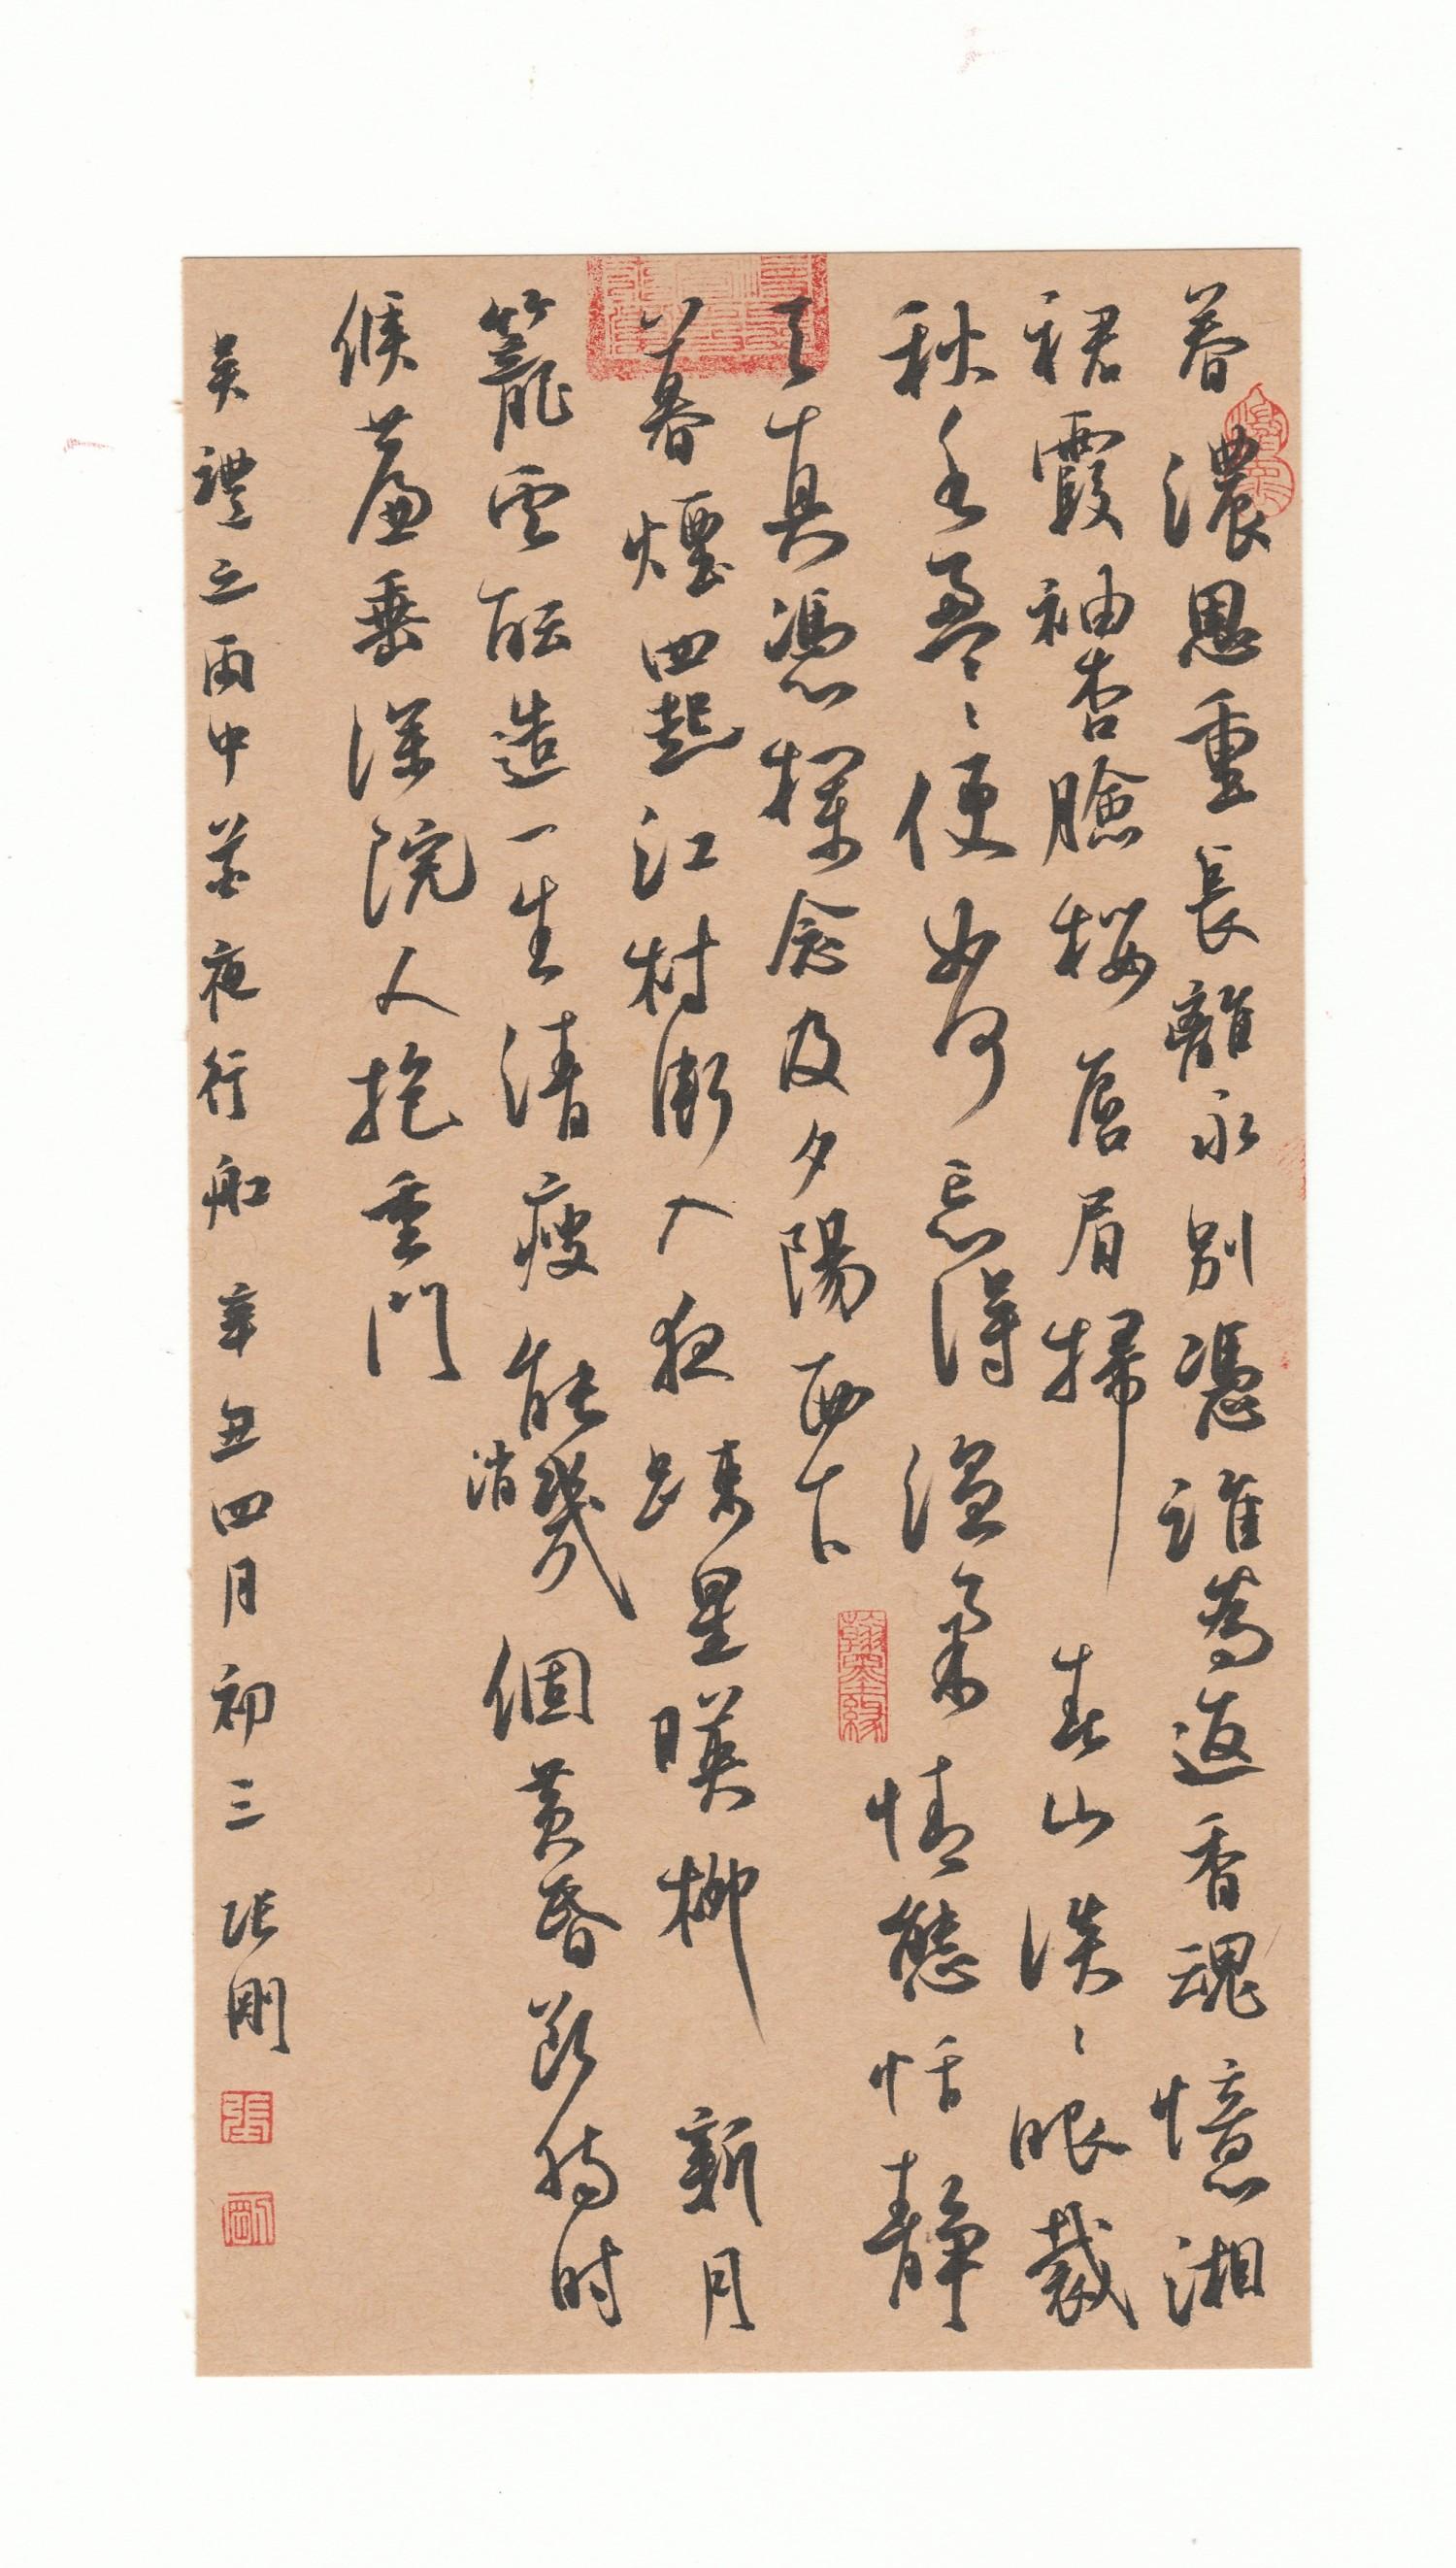 钢笔书法练字打卡20210518-16